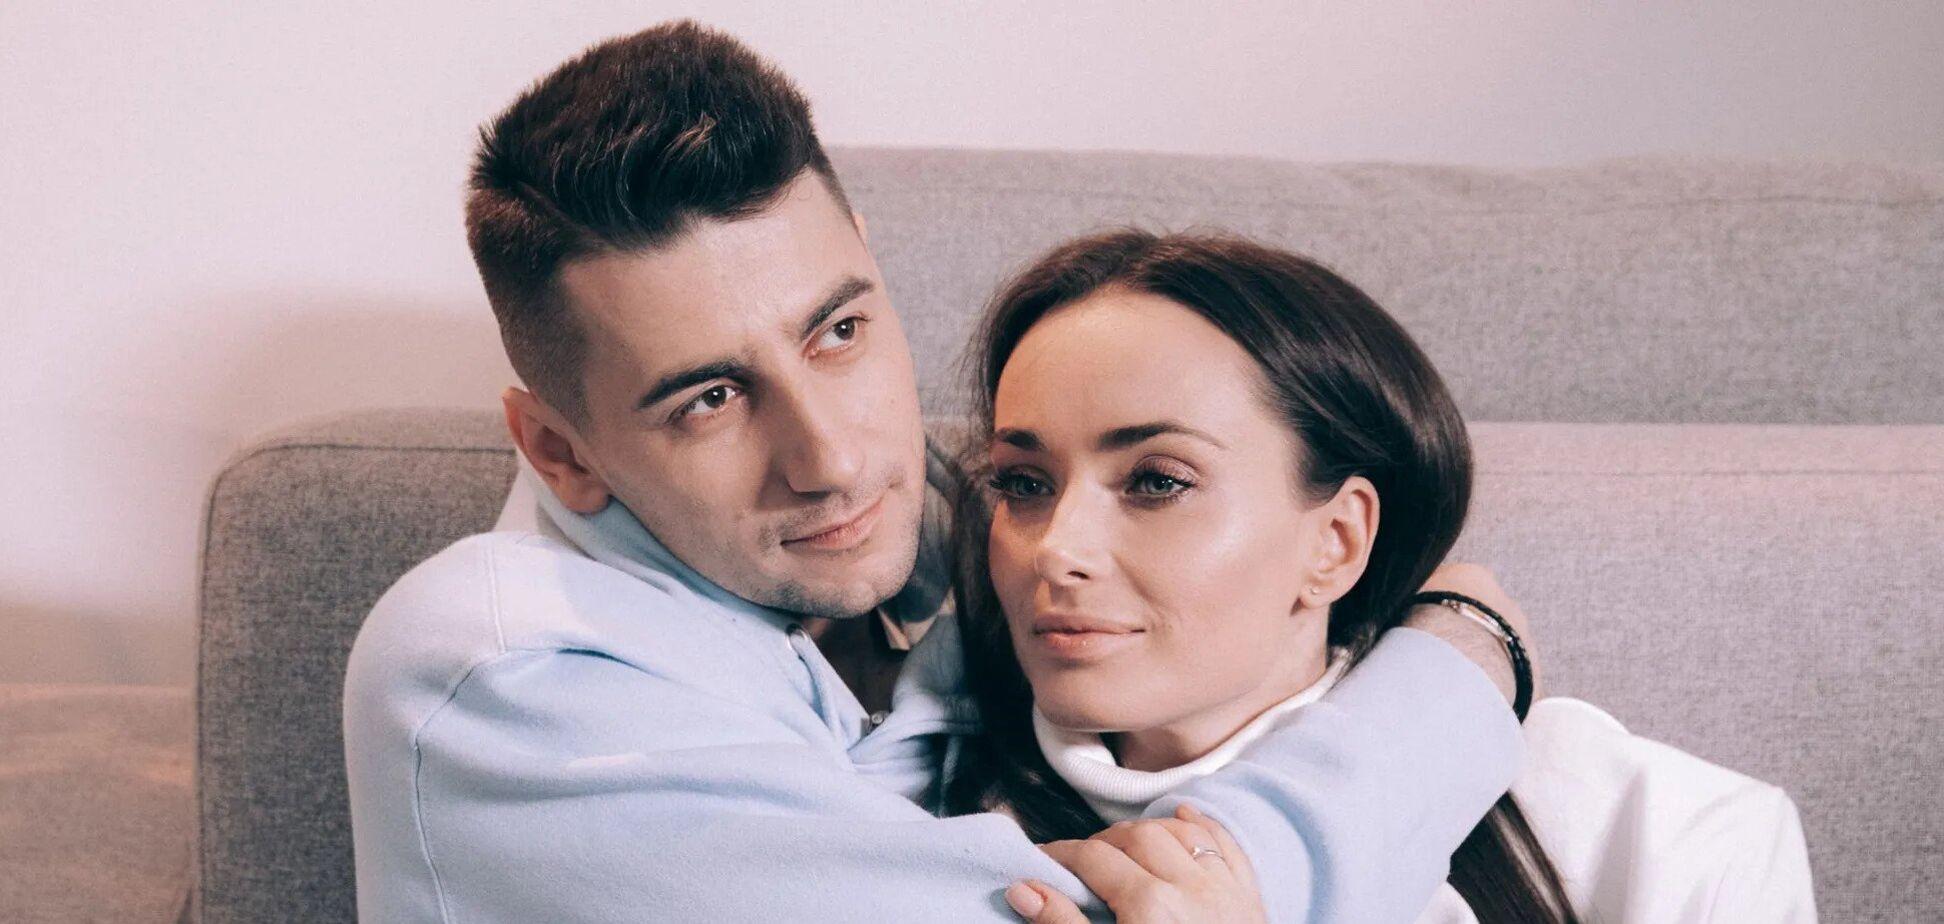 В сети появились слухи о разрыве отношений между Мишиной и Эллертом